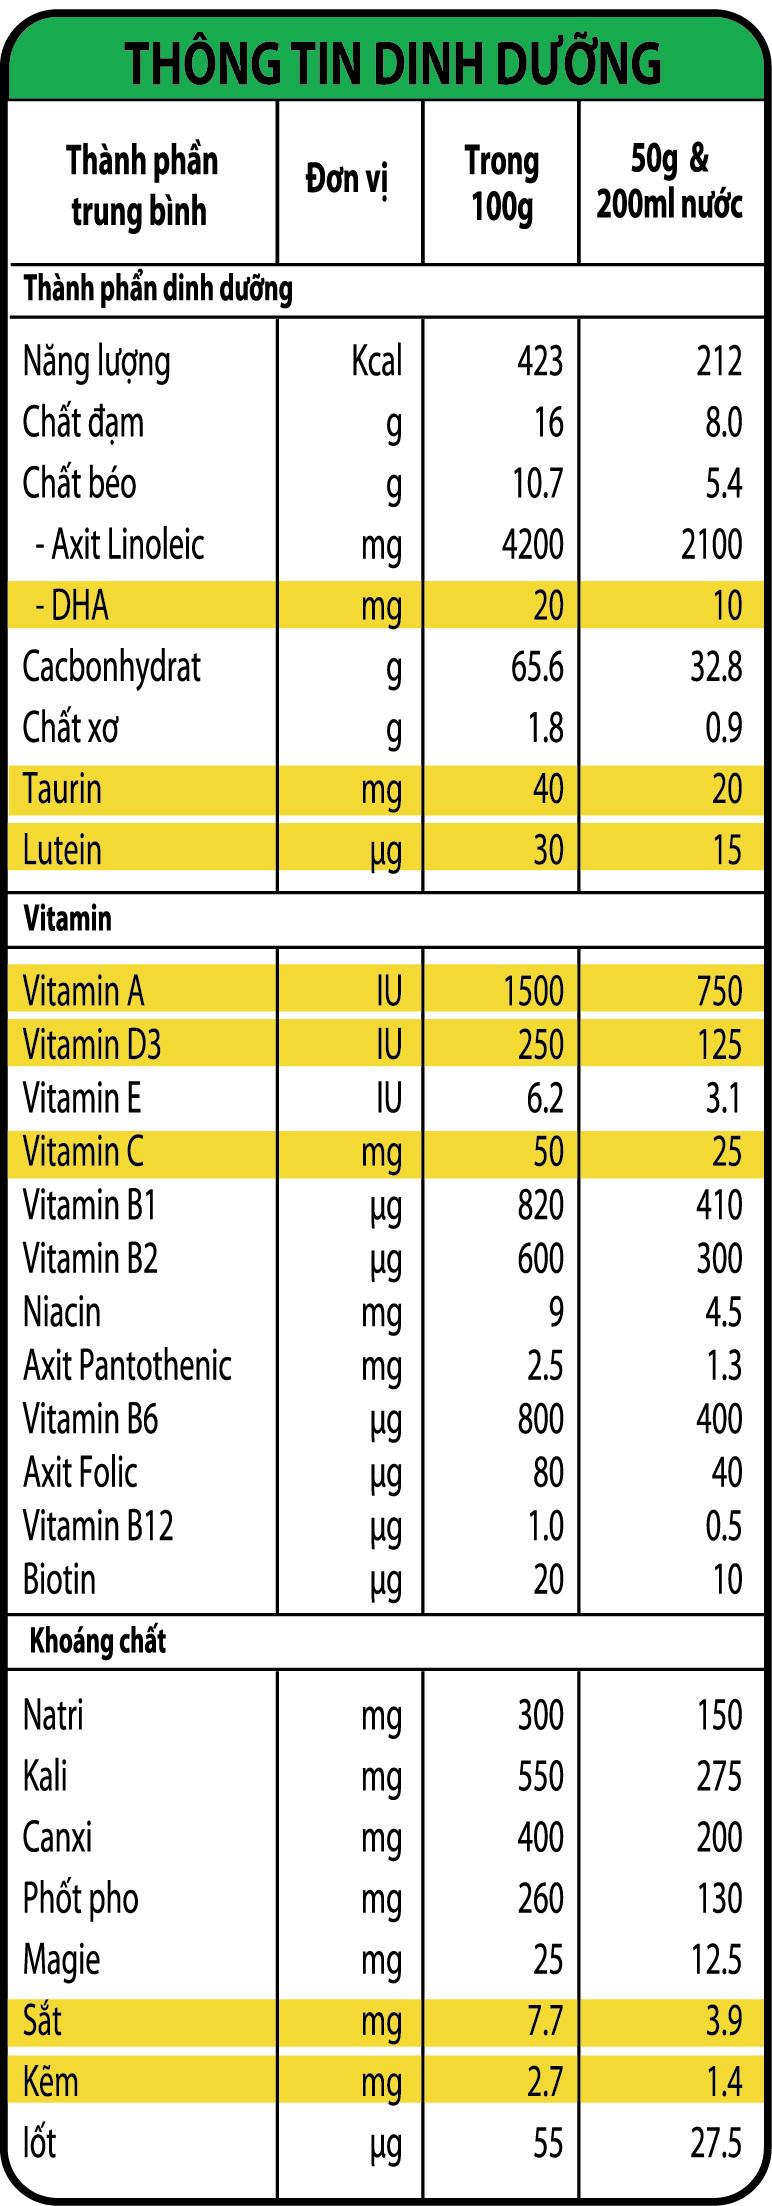 Thành phần dinh dưỡng của bột ăn dặm NutiFood vị mặn